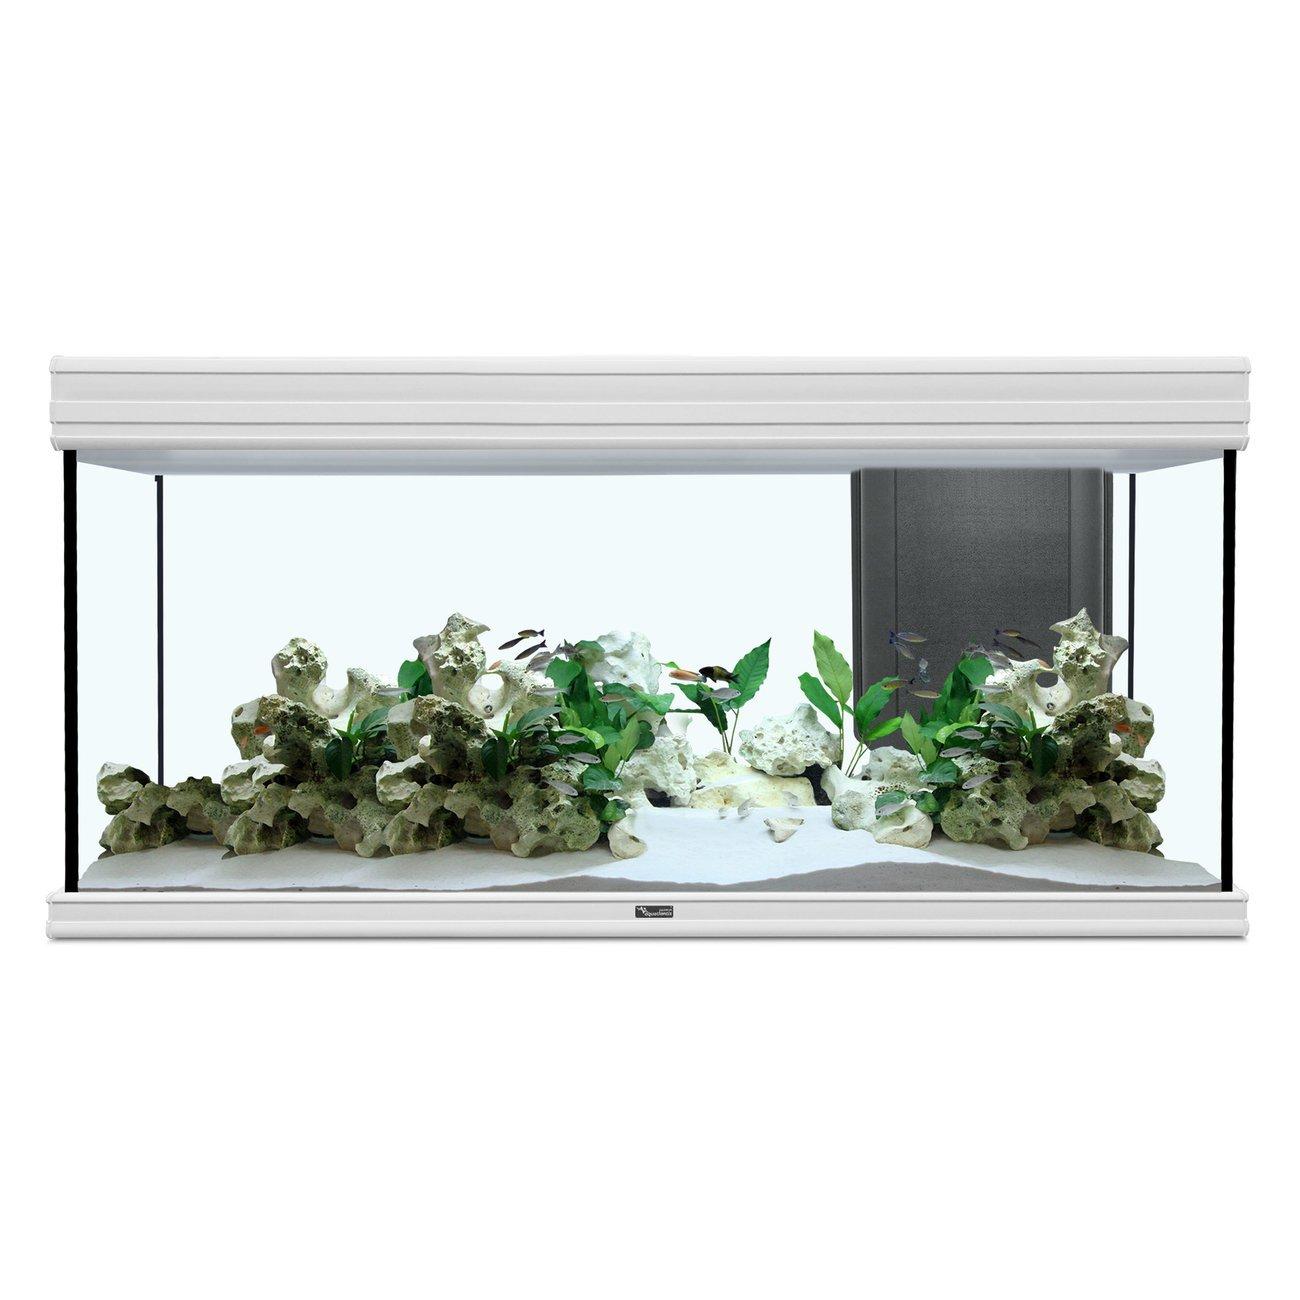 Aquatlantis Fusion 120x40 cm Aquarium, 120x40x60cm, 288L/224L, weiß